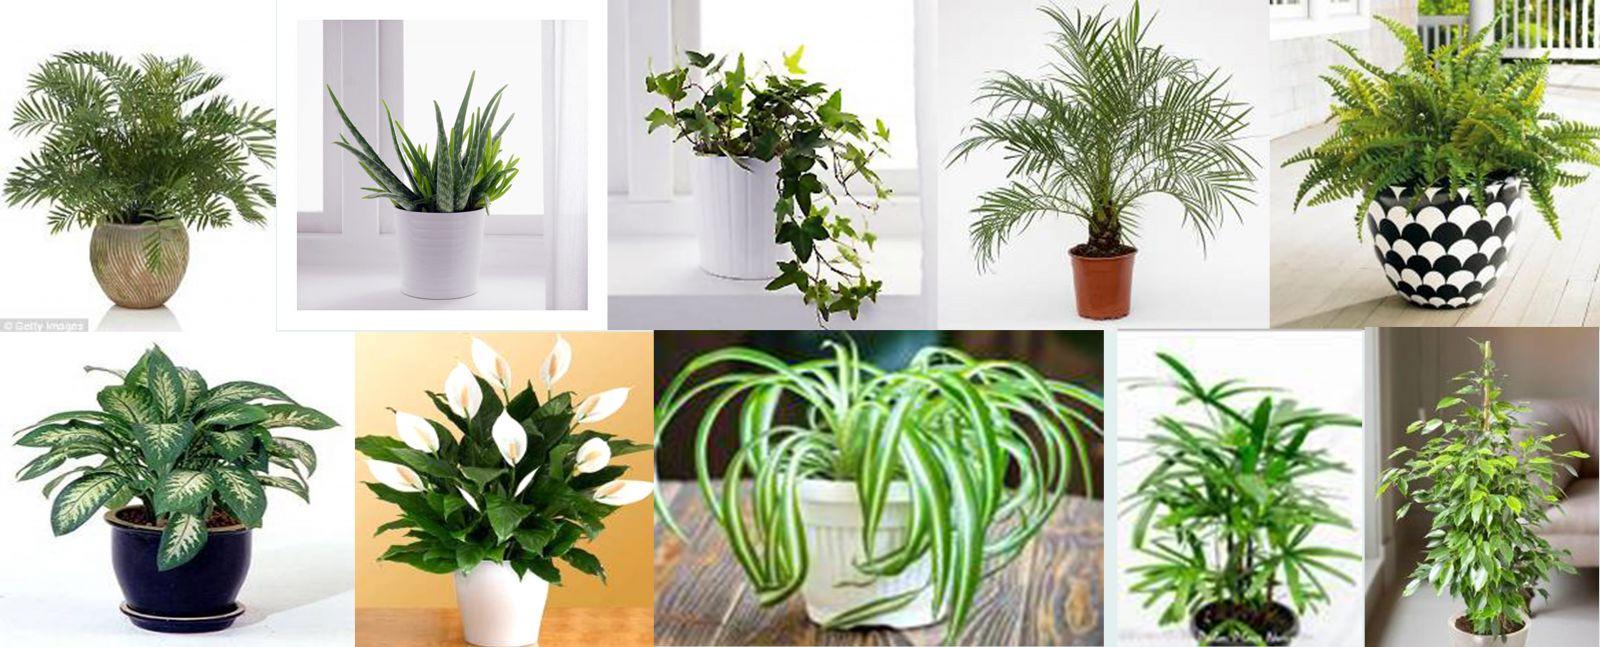 Kể tên các loại cây cảnh trong nhà - Cây trồng trong nhà tốt nhất MAXHOME